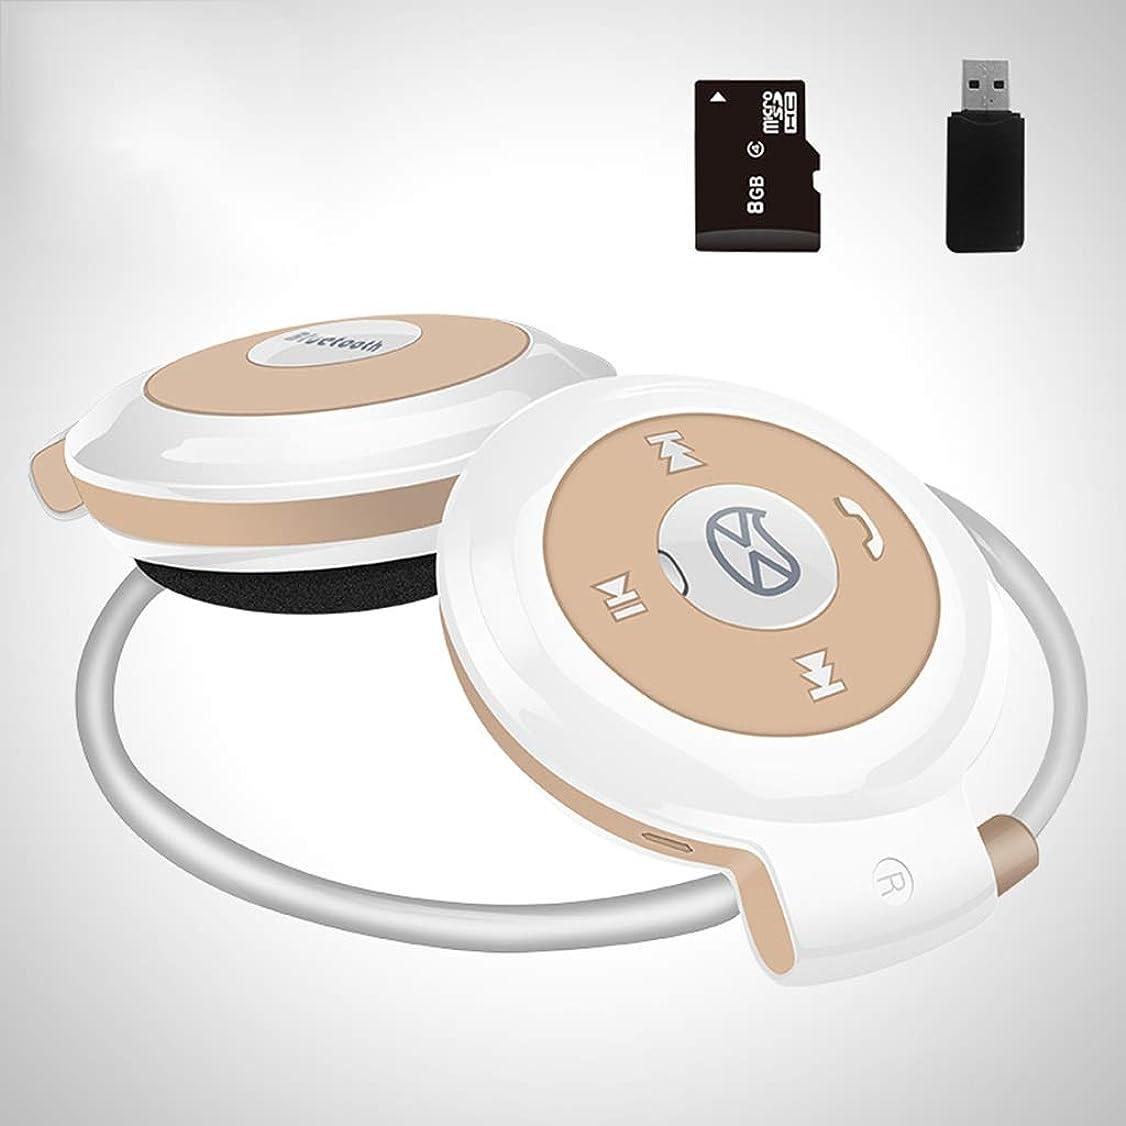 権限を与えるフィット悪いBBJOZ ヘッドセットBluetoothヘッドセット、ジムのライディングトレーニング用の防水内蔵マイク Bluetoothヘッドセット (Color : Gold)